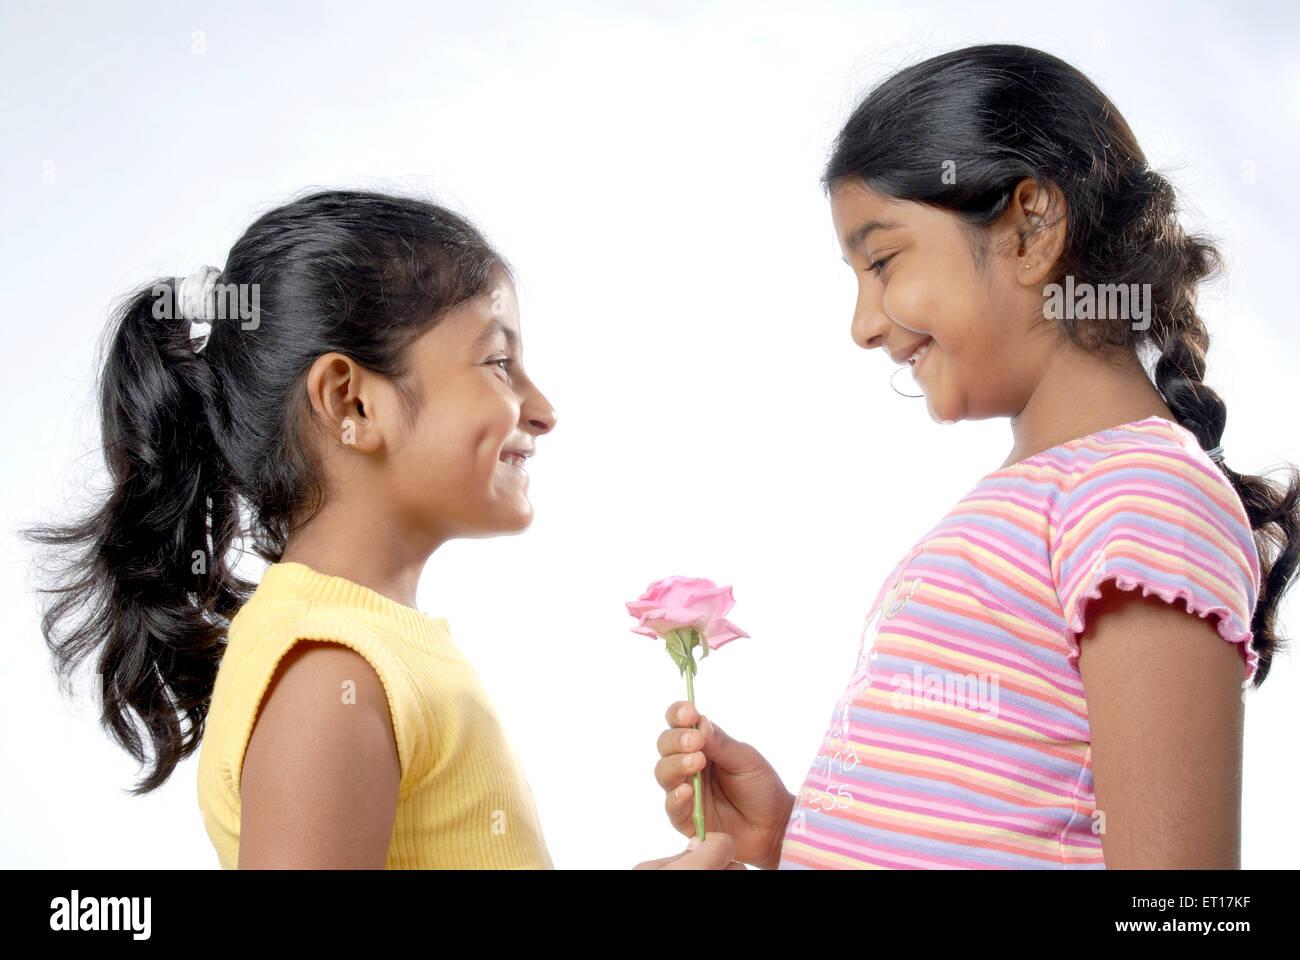 Ragazza indiana dando rosa rosa augurando buon compleanno - modello di rilascio # 682W Immagini Stock